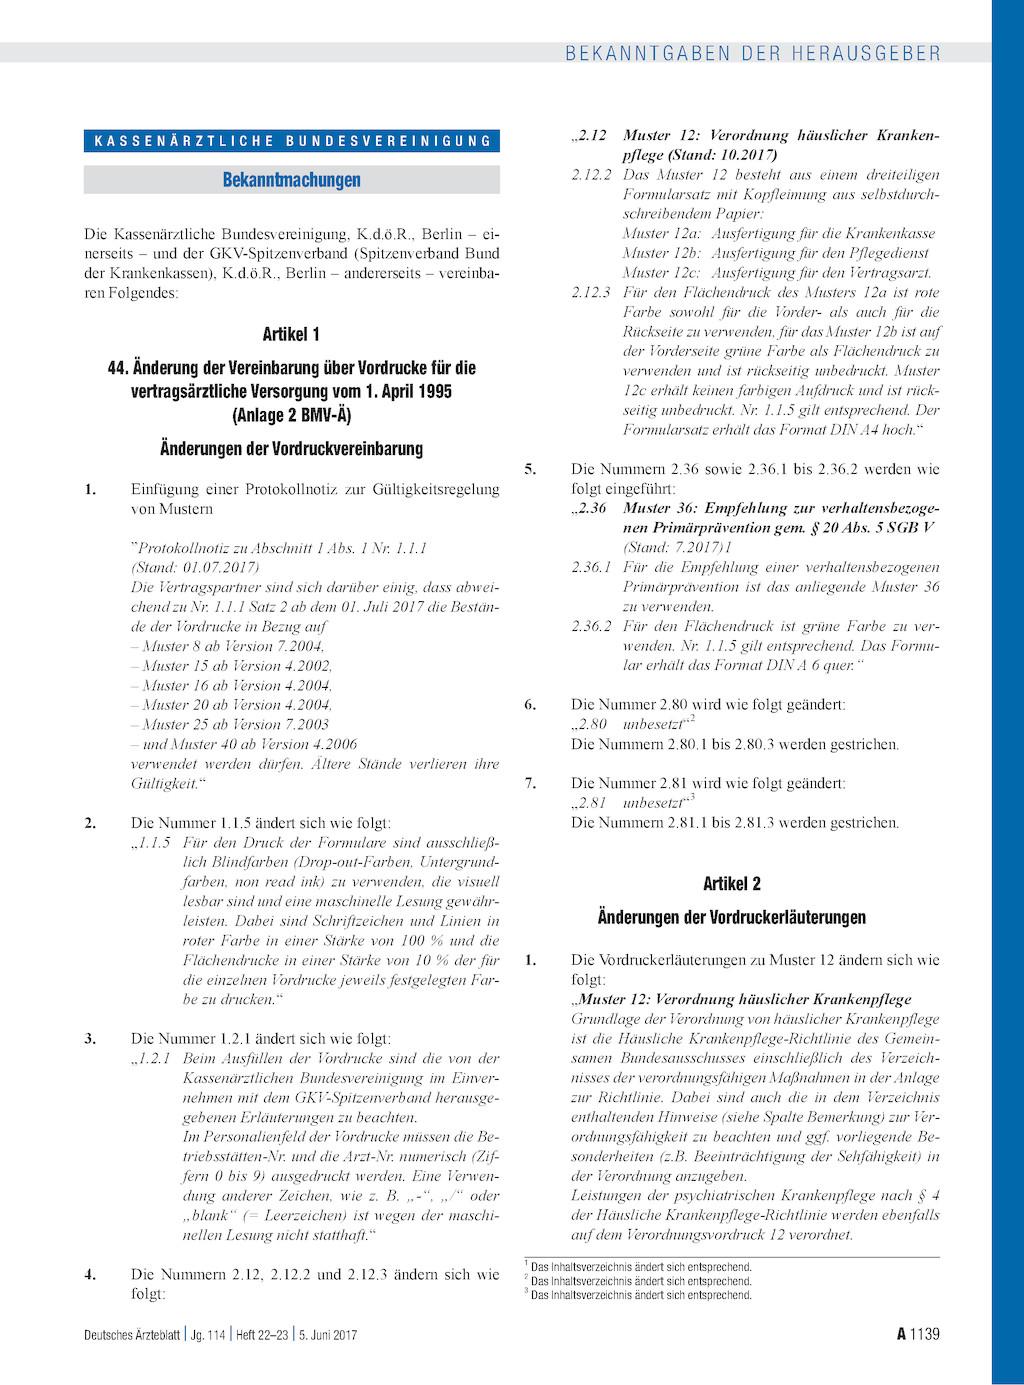 44 änderung Der Vereinbarung über Vordrucke Für Die